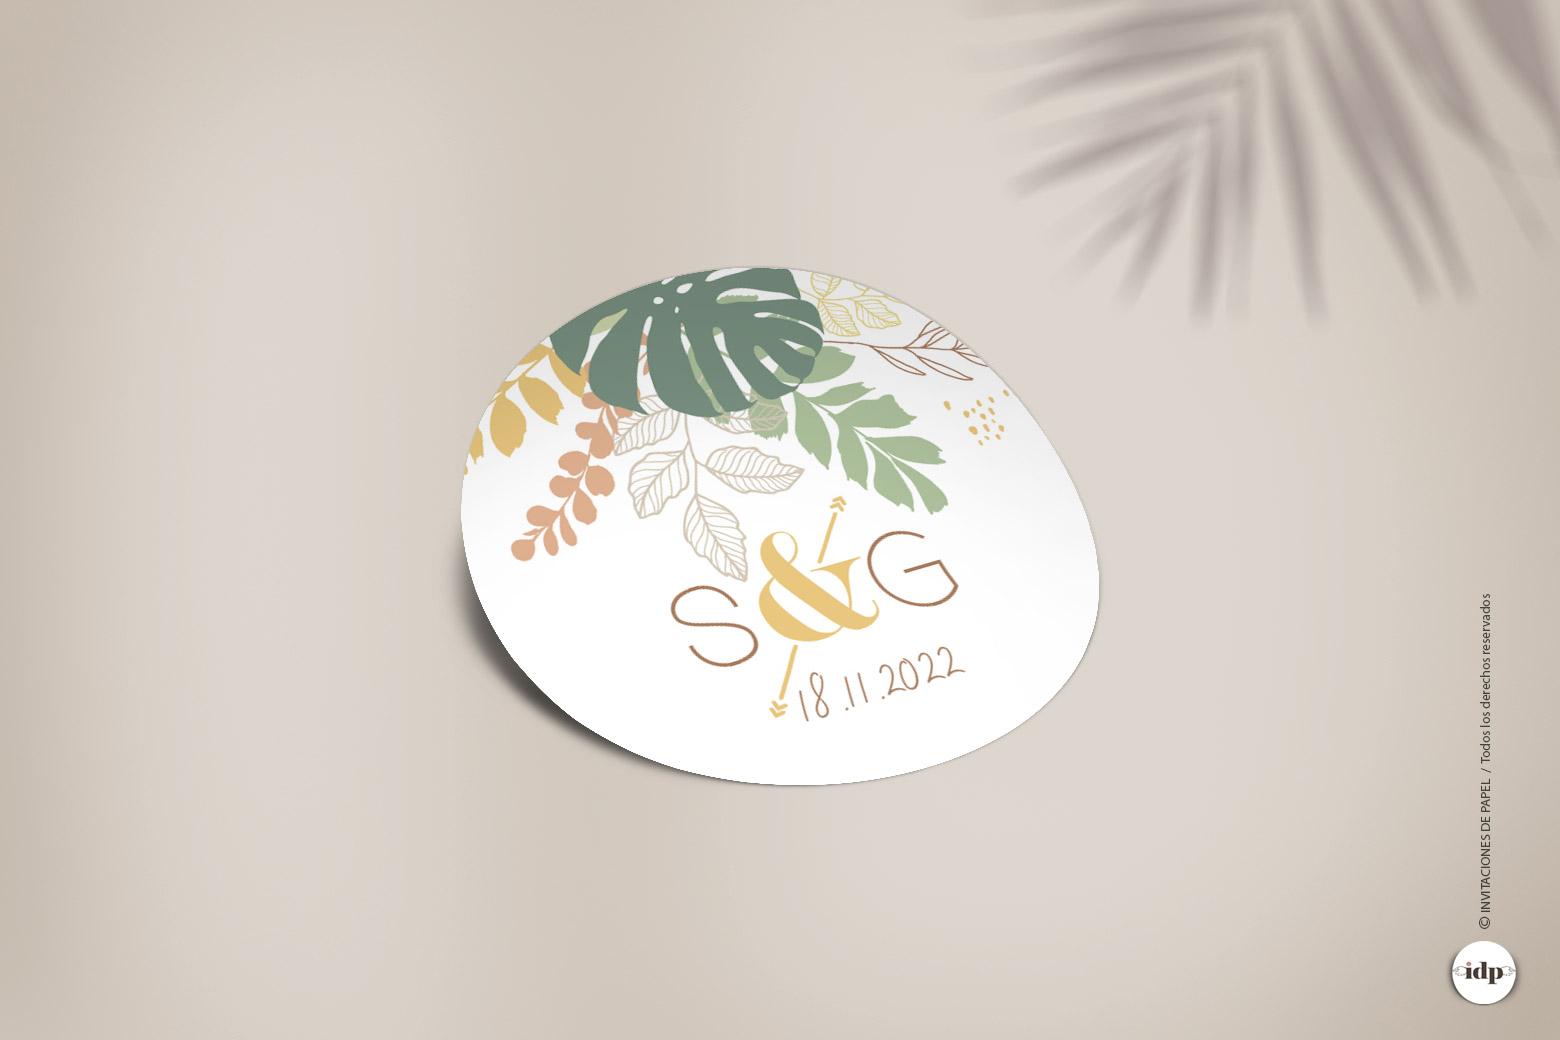 Etiqueta Adhesiva o Pegatina Tropical para Regalos de - redonda amazonas